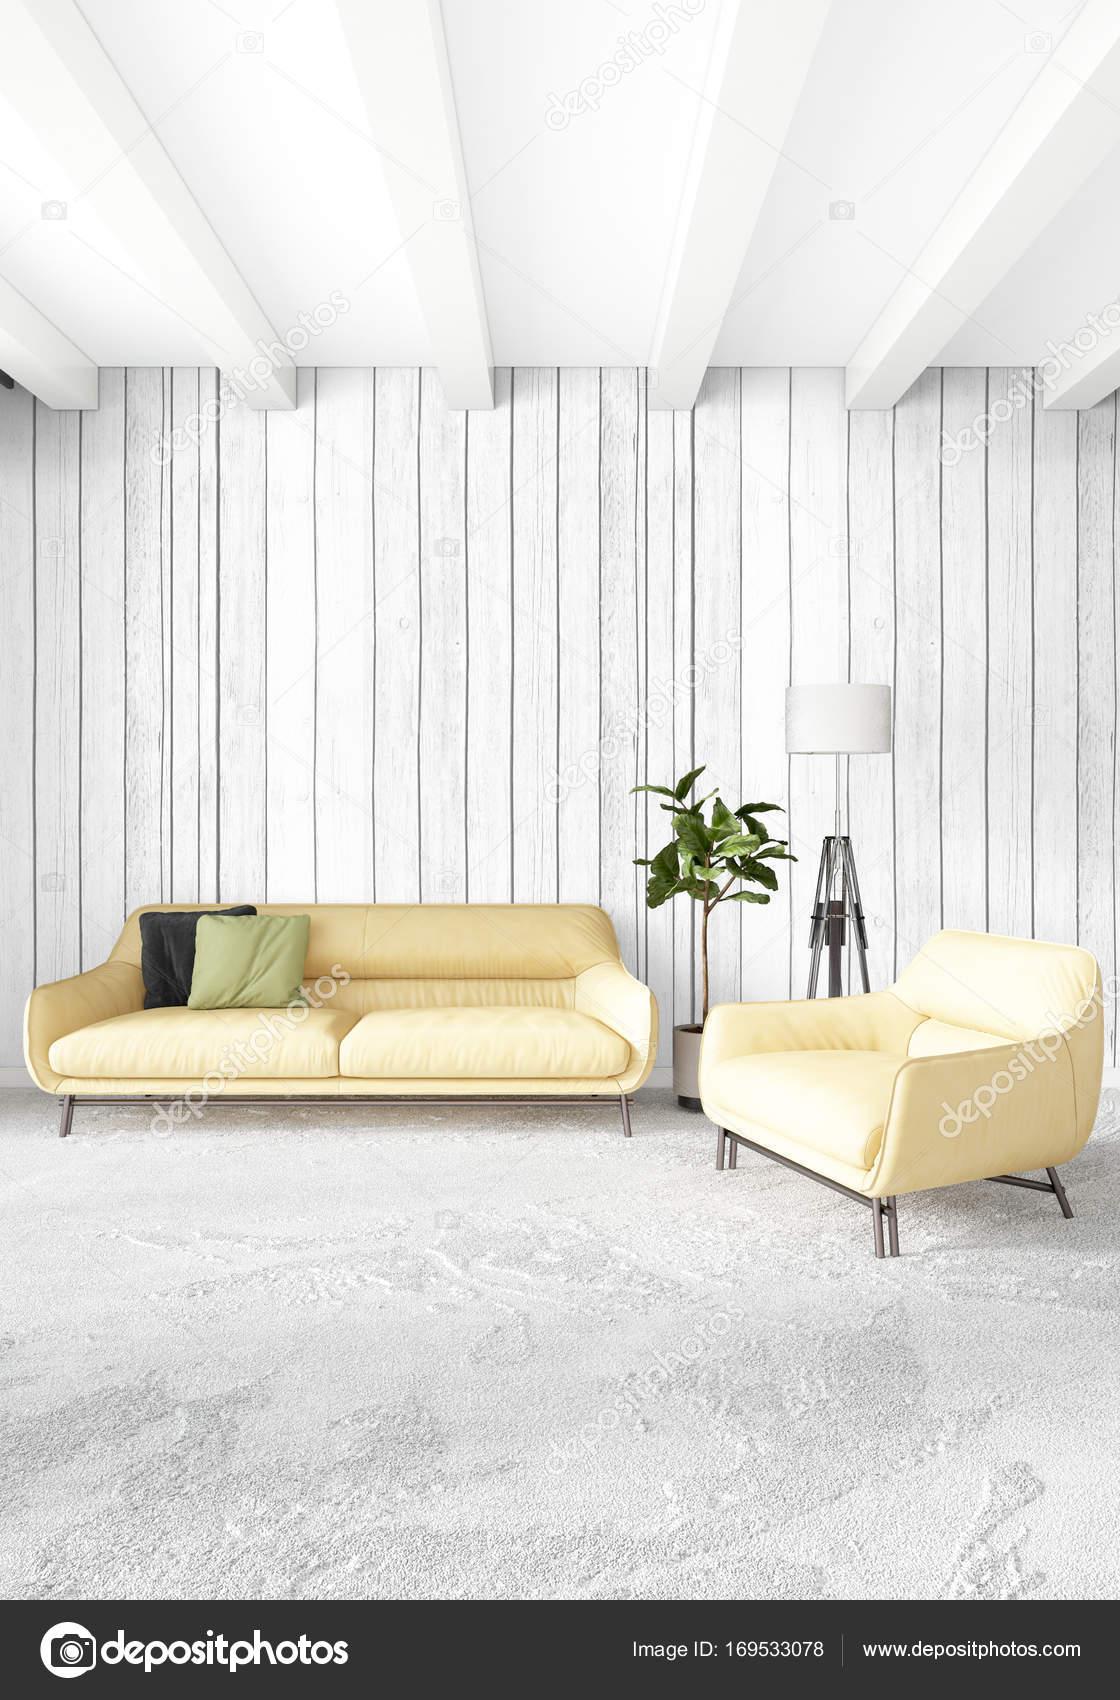 Gele slaapkamer of woonkamer in moderne stijl interieur met ...